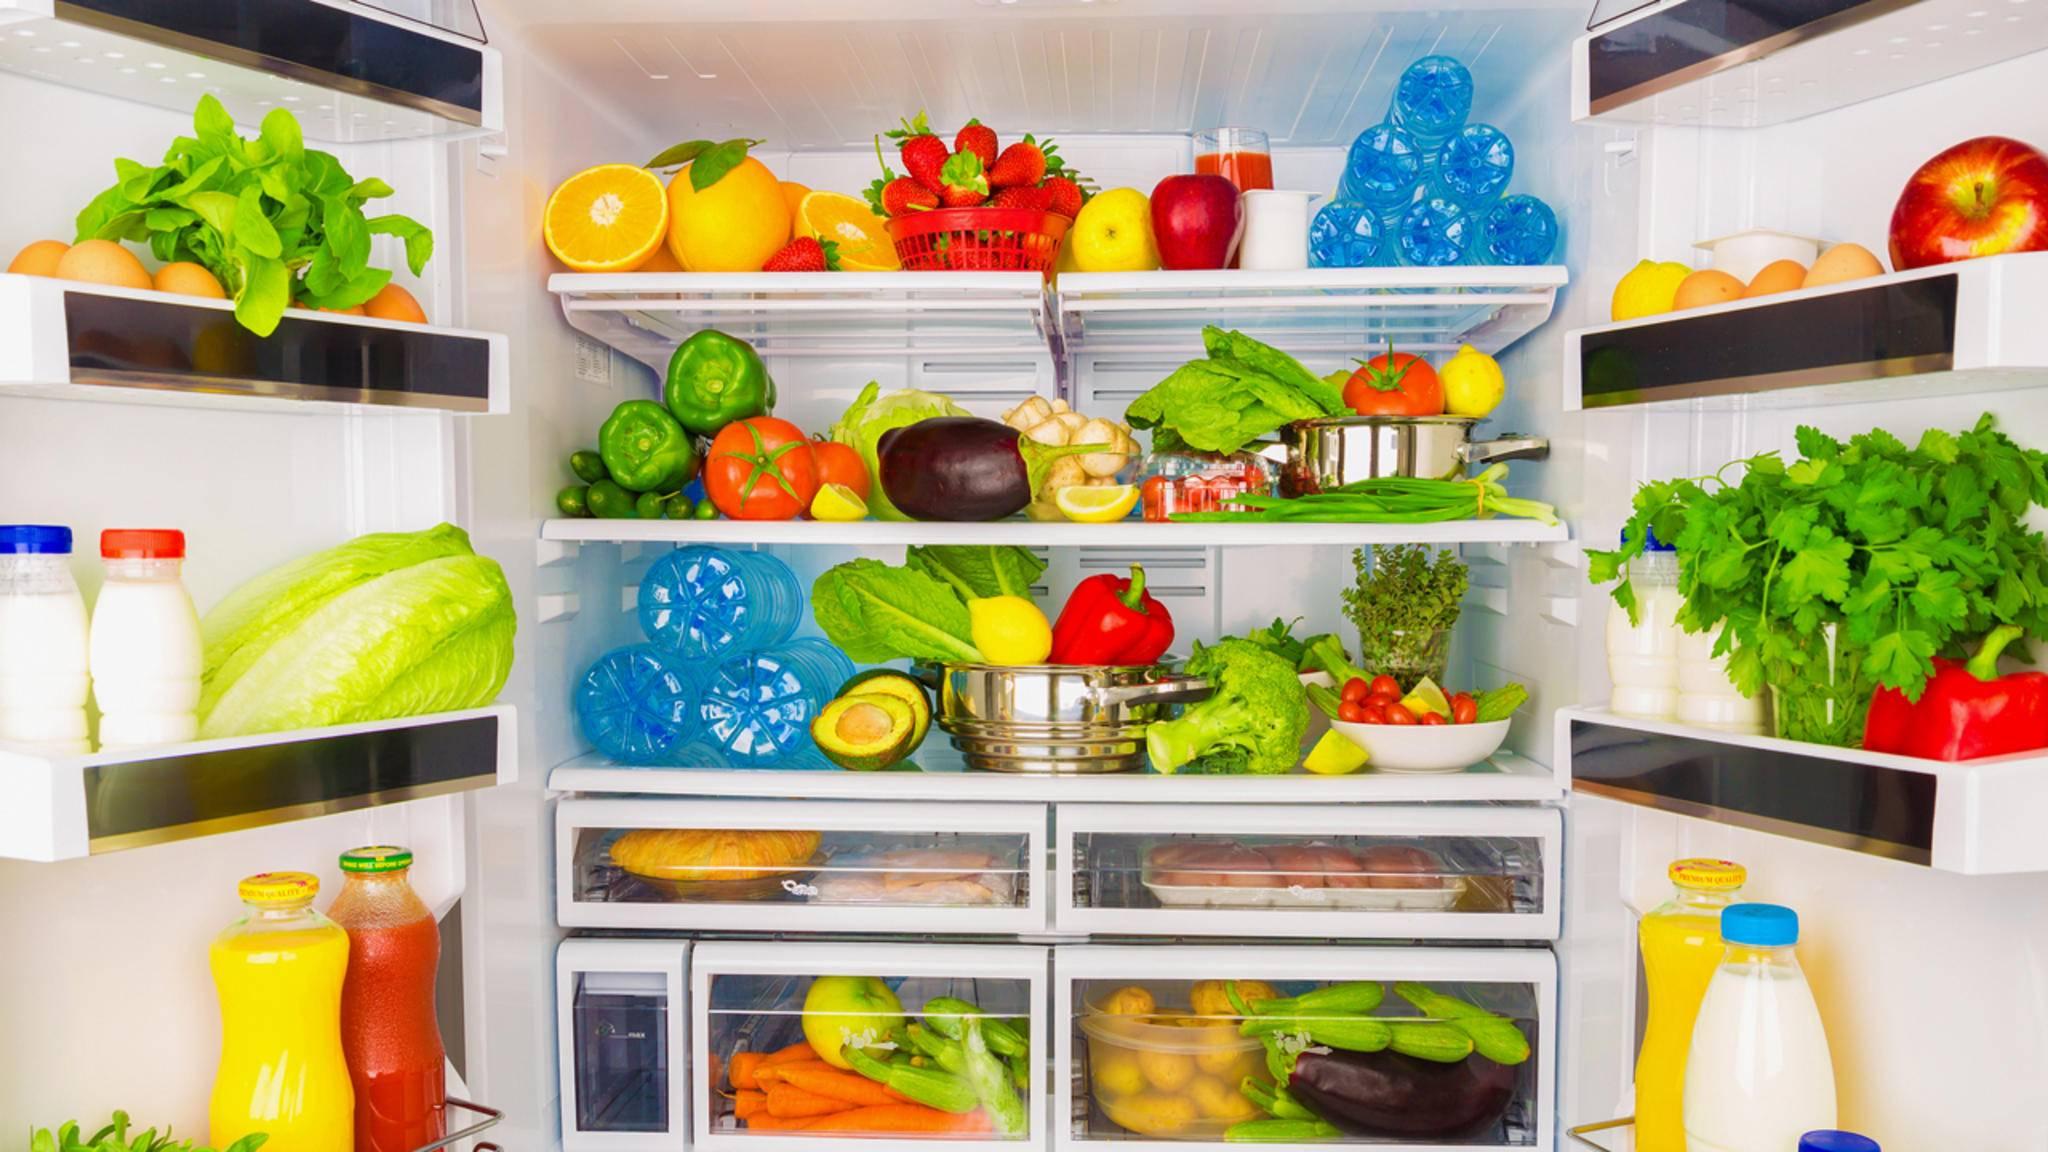 Teilweiseliegt der Grund für das Brummen im Innenraum des Kühlschranks.